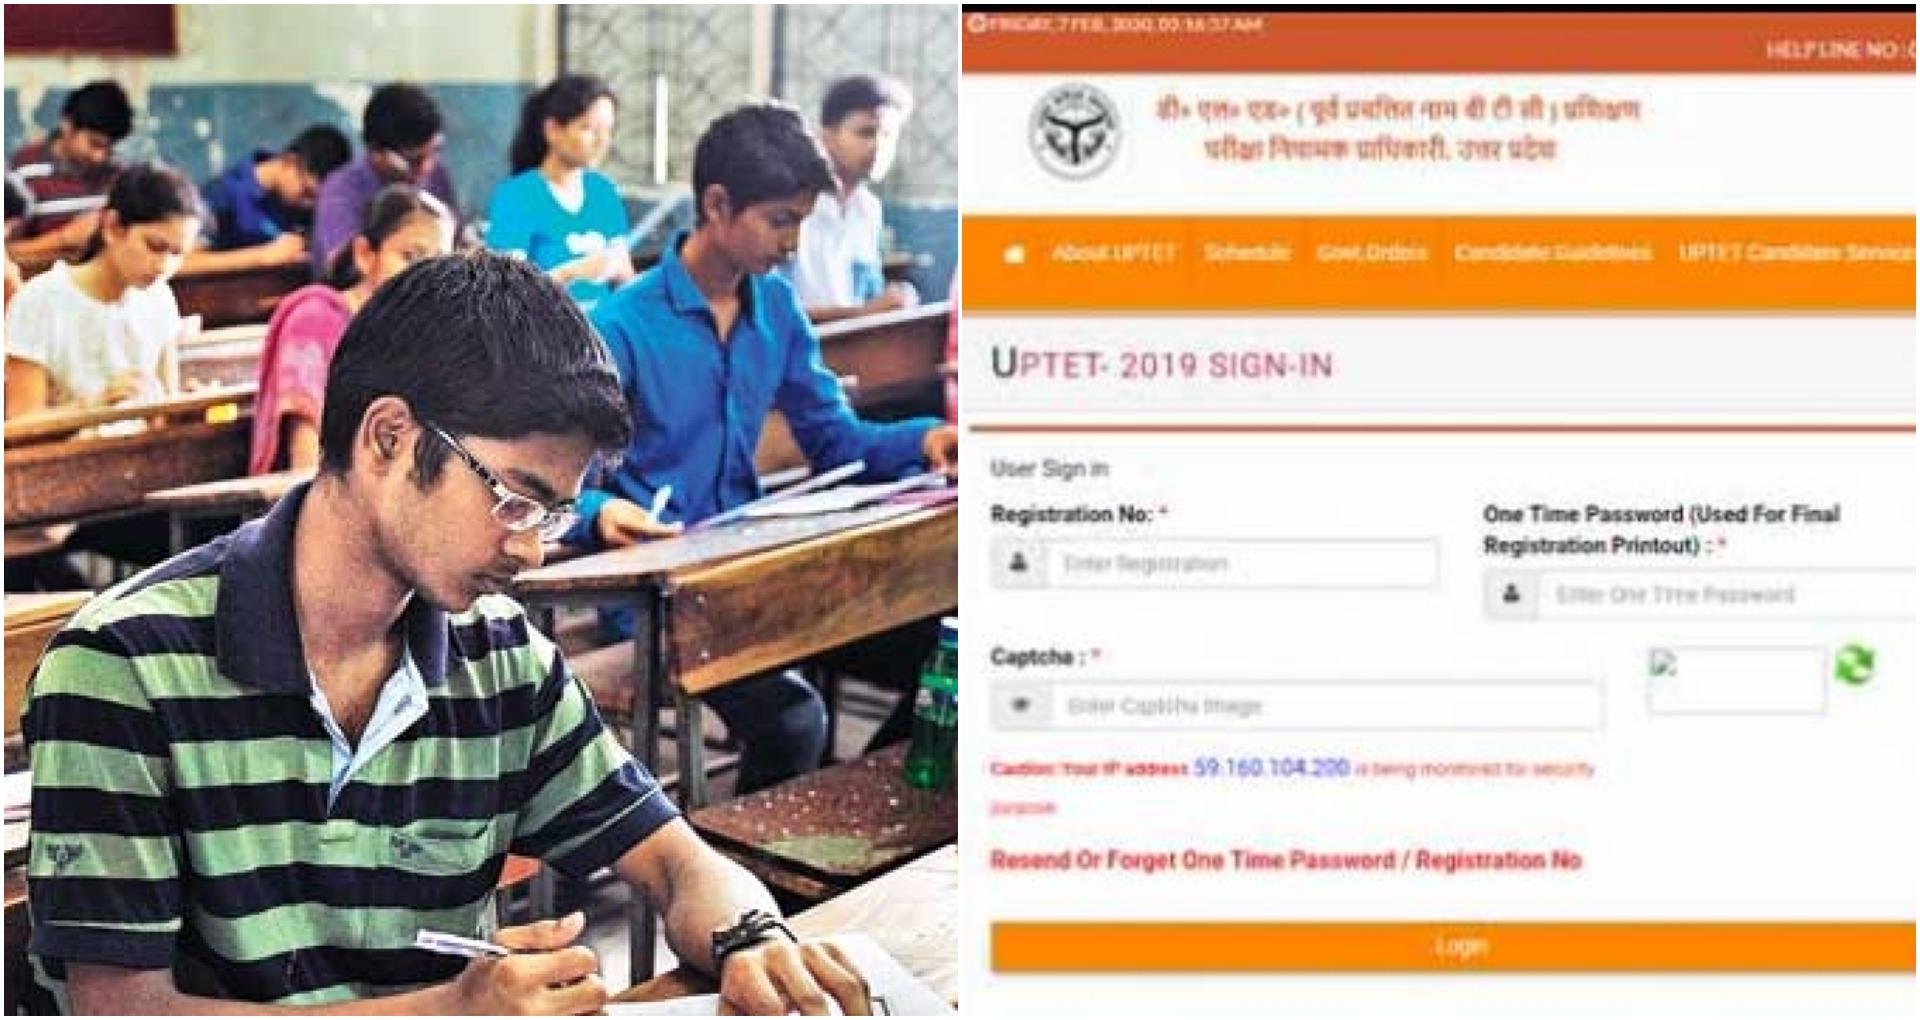 UPTET Result 2019: यूपीटीईटी परीक्षा परिणाम 2019 का लिंक हुआ एक्टिव, यहां देखें रिजल्ट